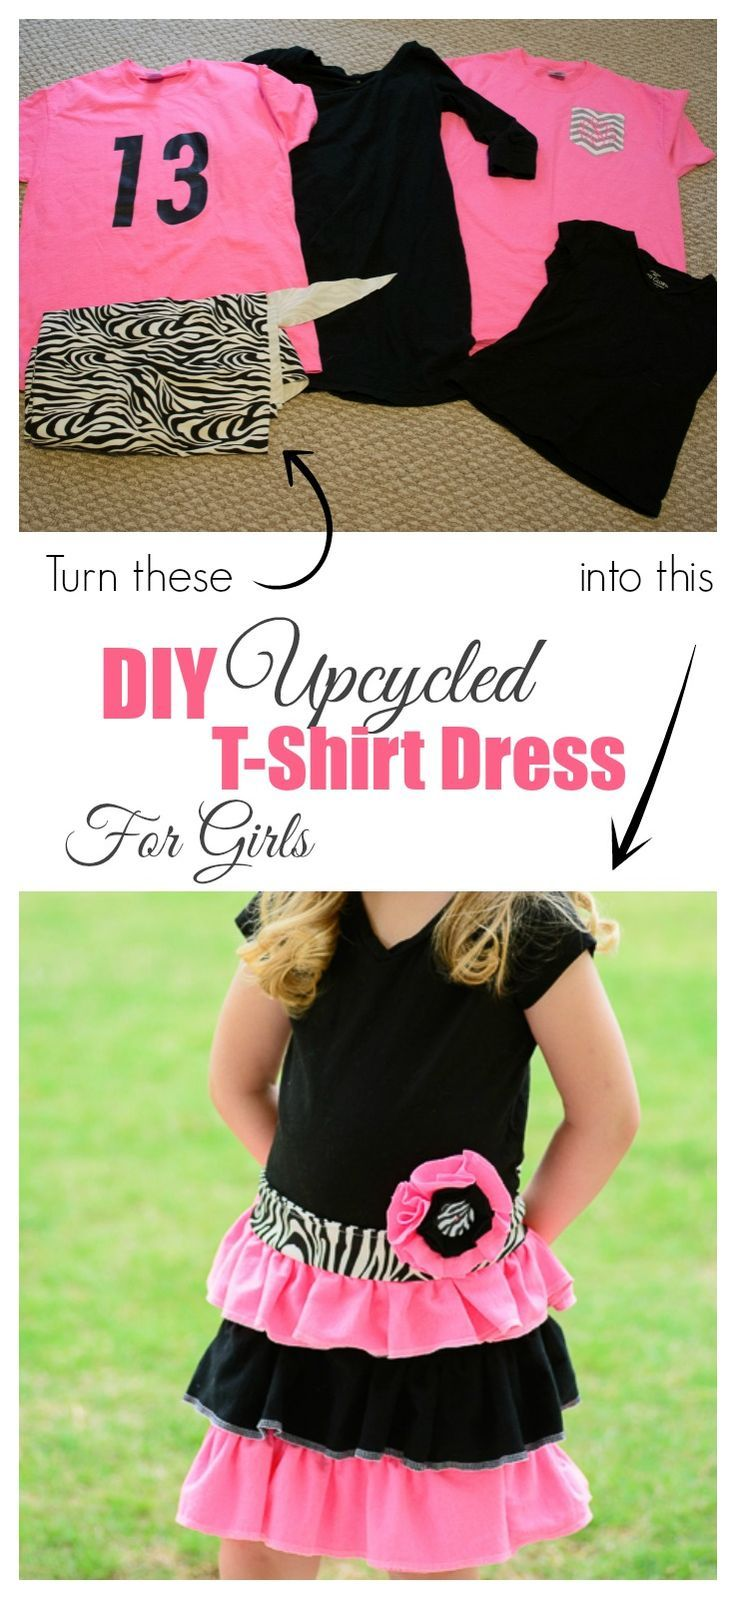 DIY Upcycled T-shirt Dress for Girls | Dresses for girls ...